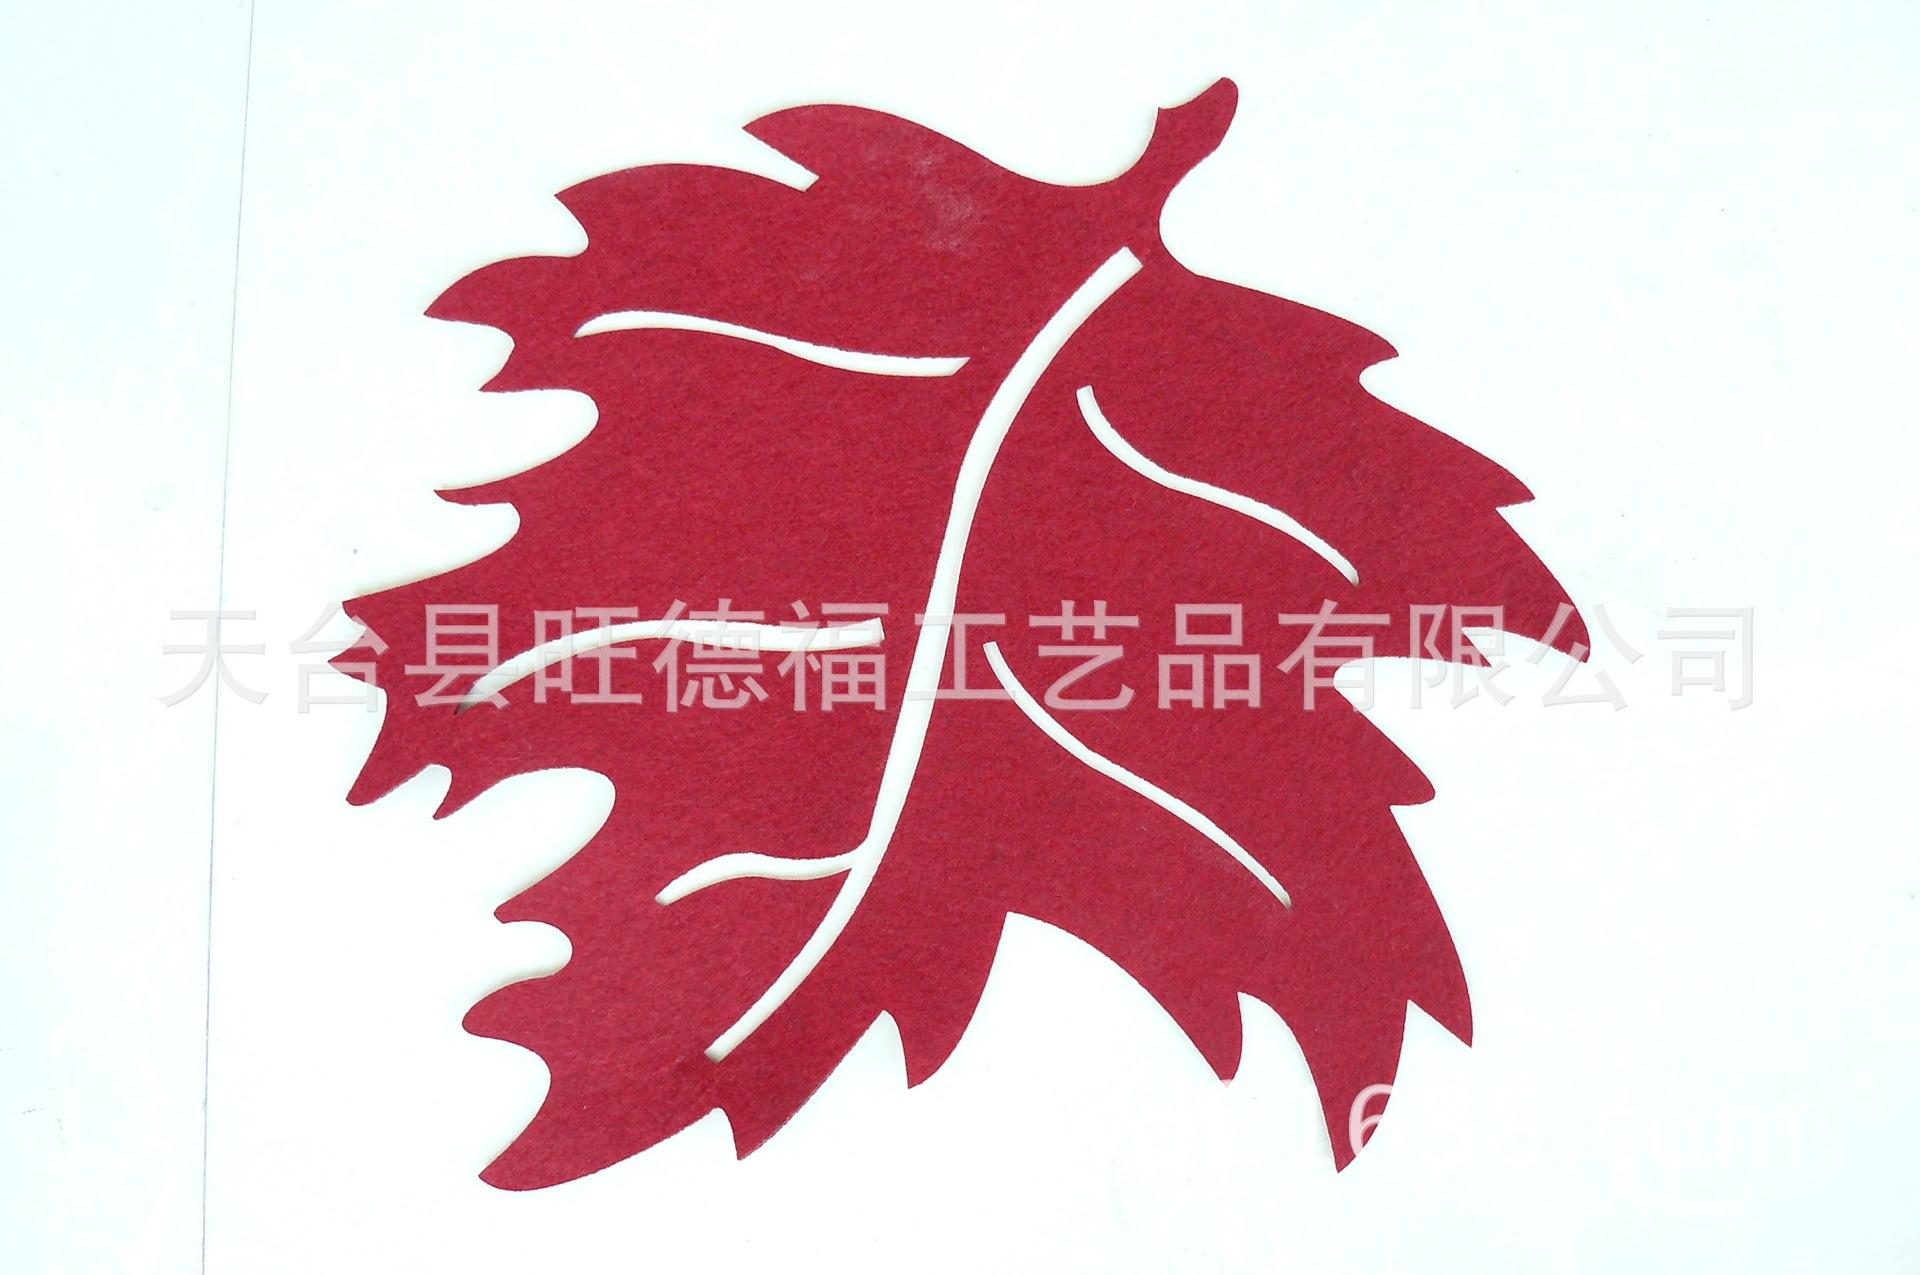 剪纸步骤图案---枫叶